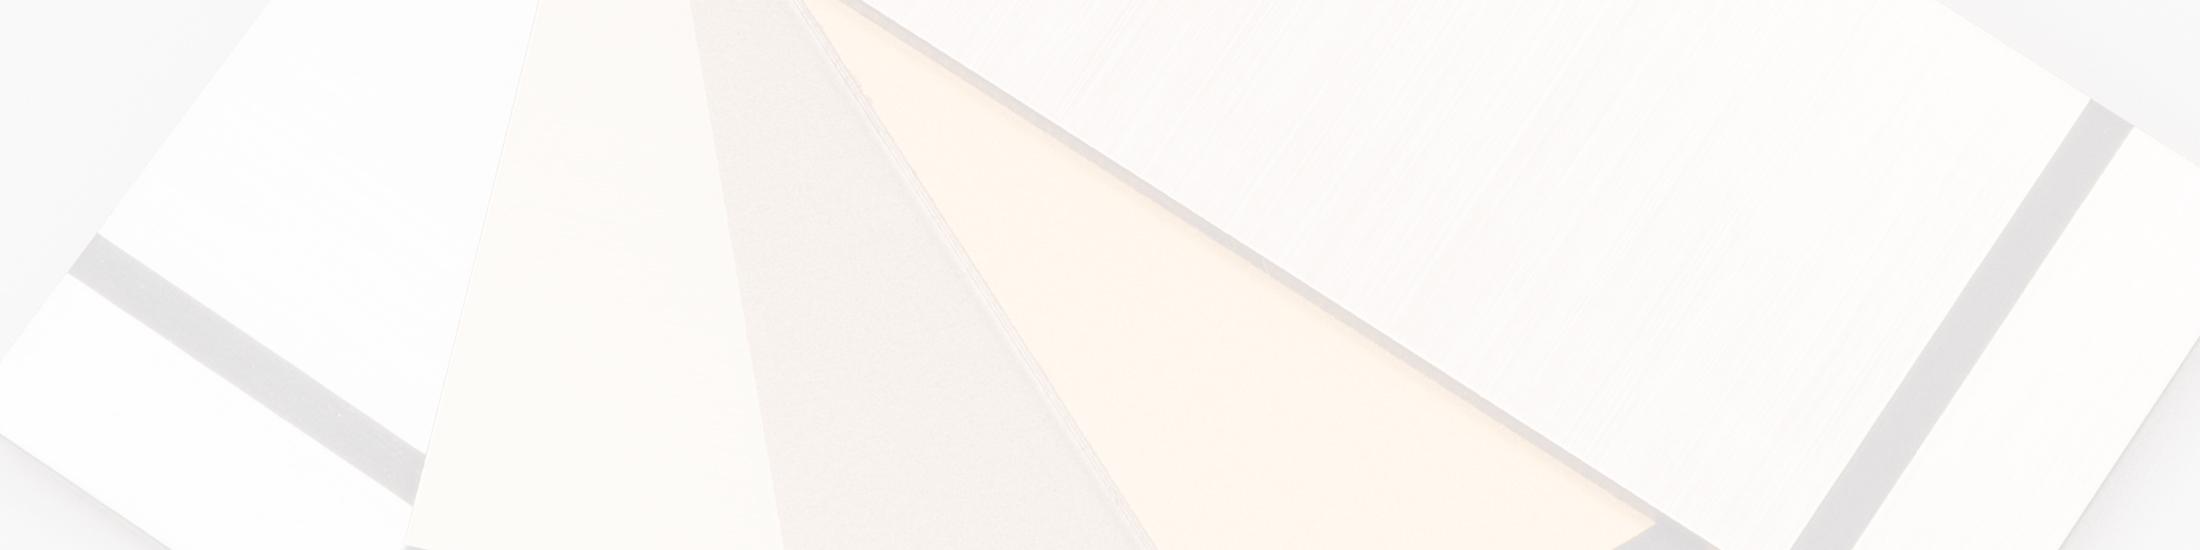 Kunststoff Laminat zum Gravieren TroLase Metallic Plus